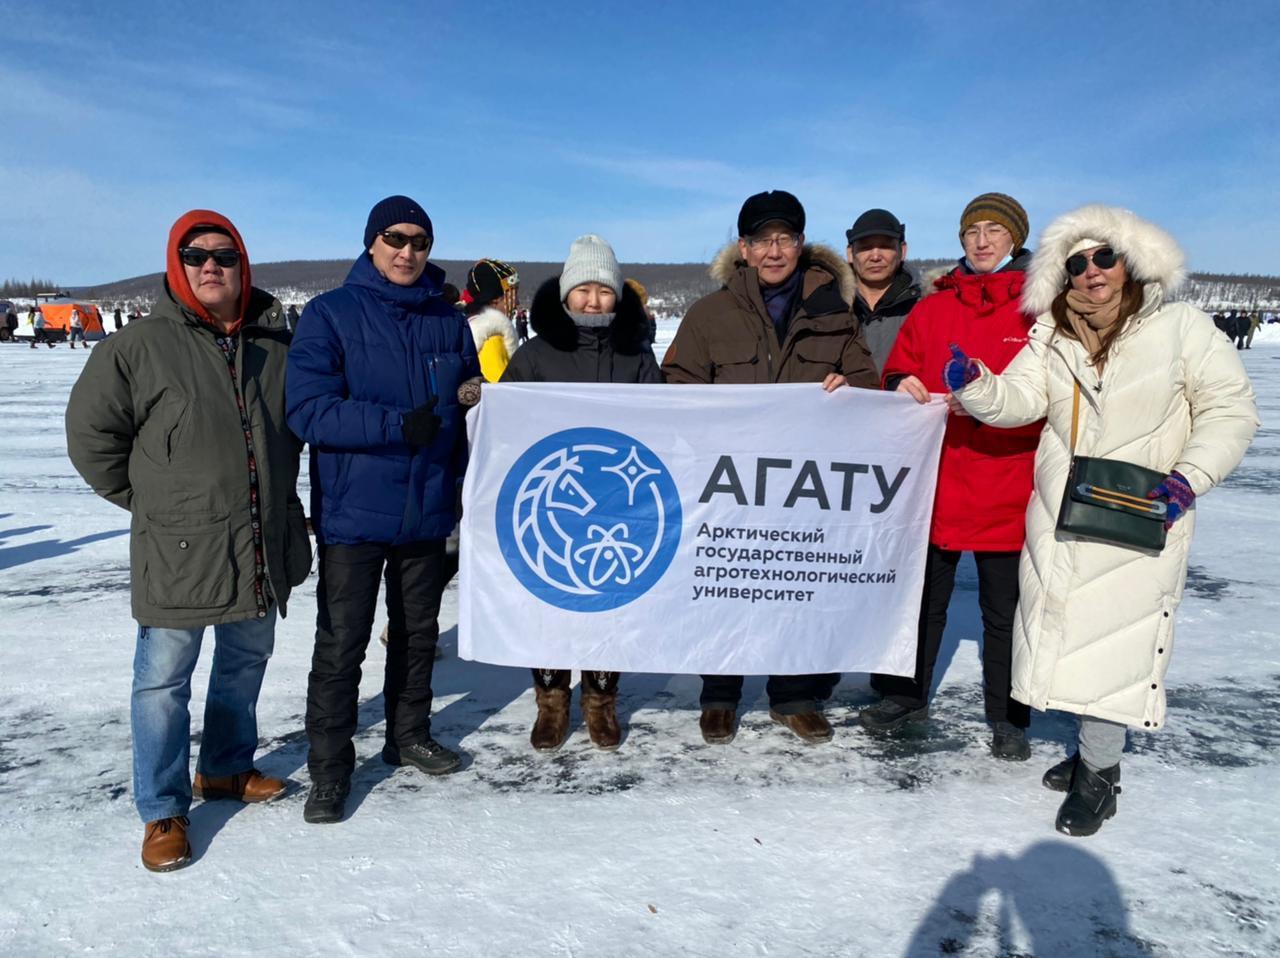 Делегация АГАТУ приняла участие в семинаре «Холод и здоровье» в Оймяконском улусе